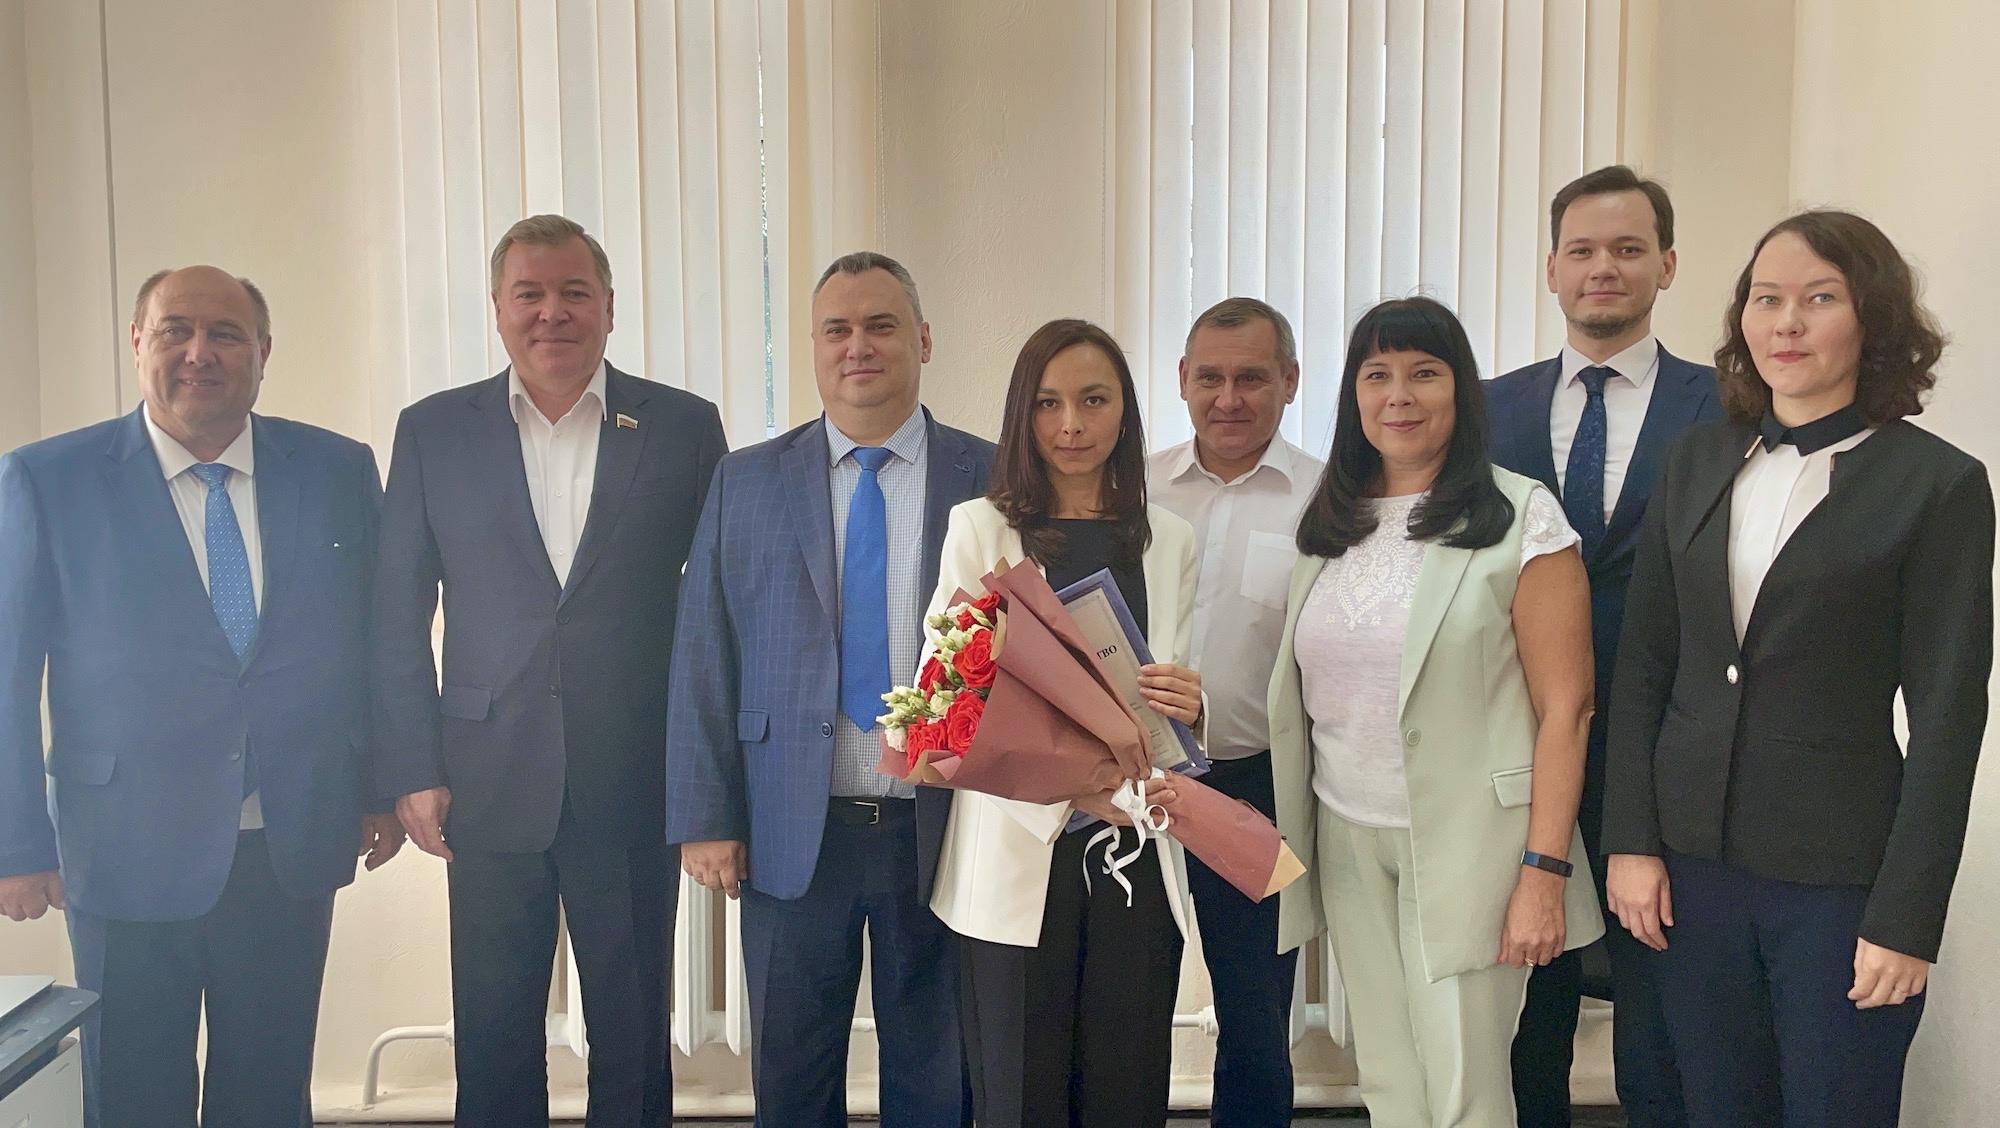 Открытие представительства Союза юристов Чувашской Республики в г. Ядрин, 2021 год.